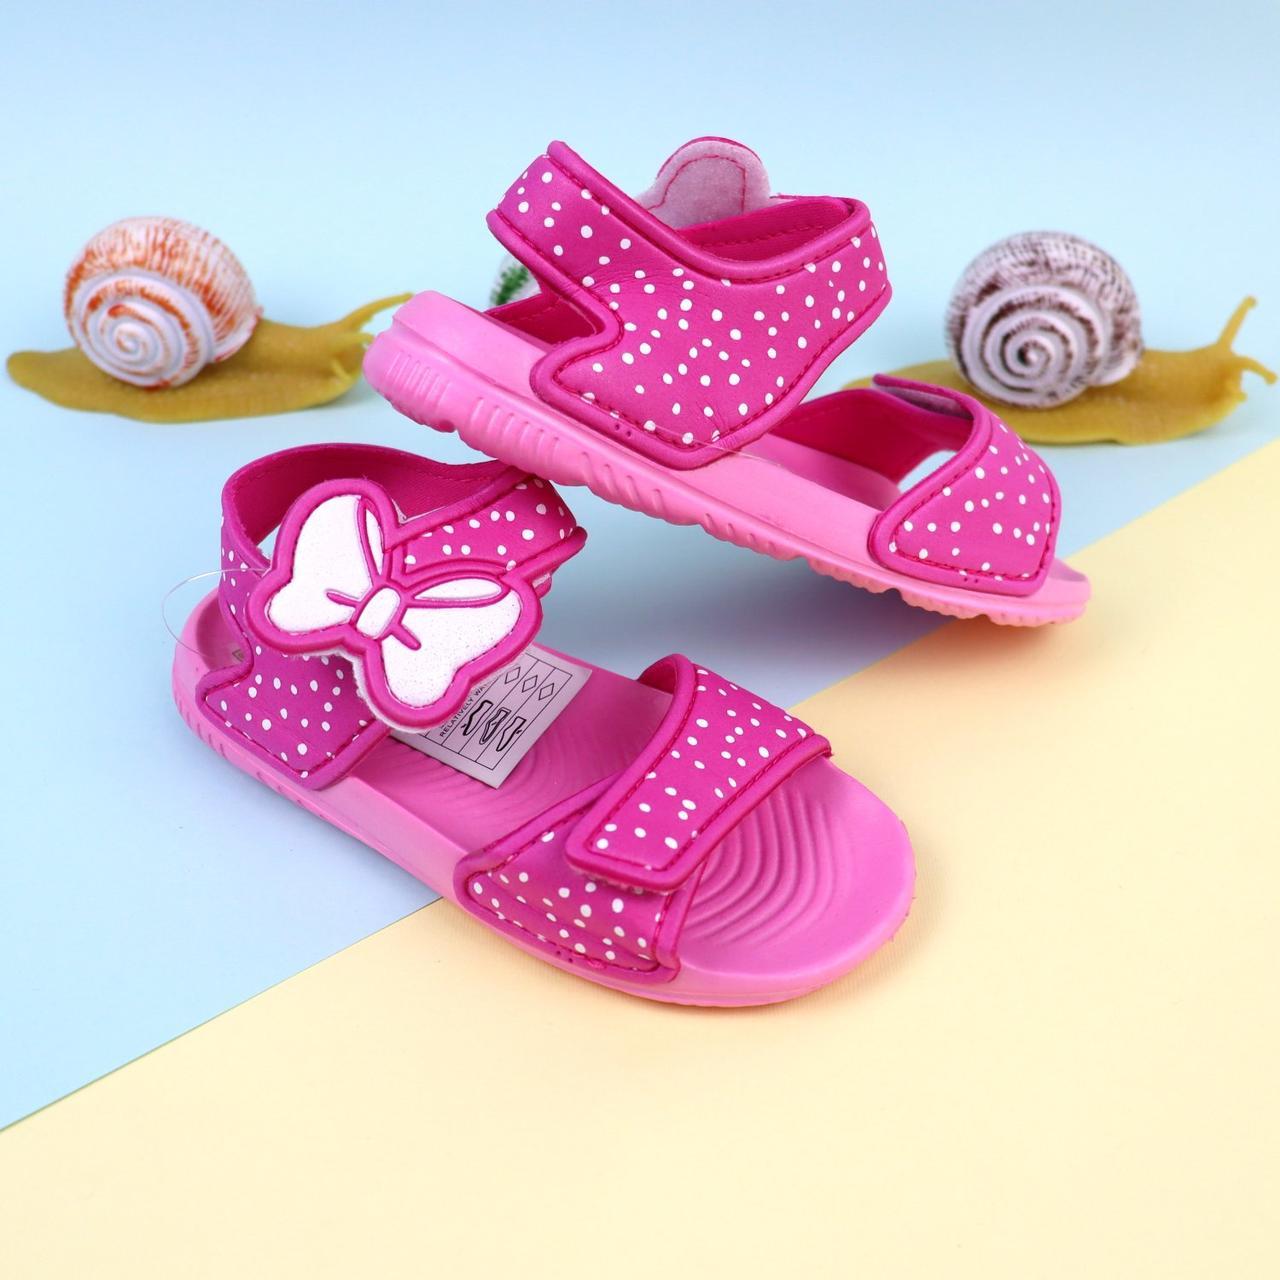 Дитячі сандалії для дівчинки,пляжні босоніжки тм Giolan розмір 30,31,33,34,35